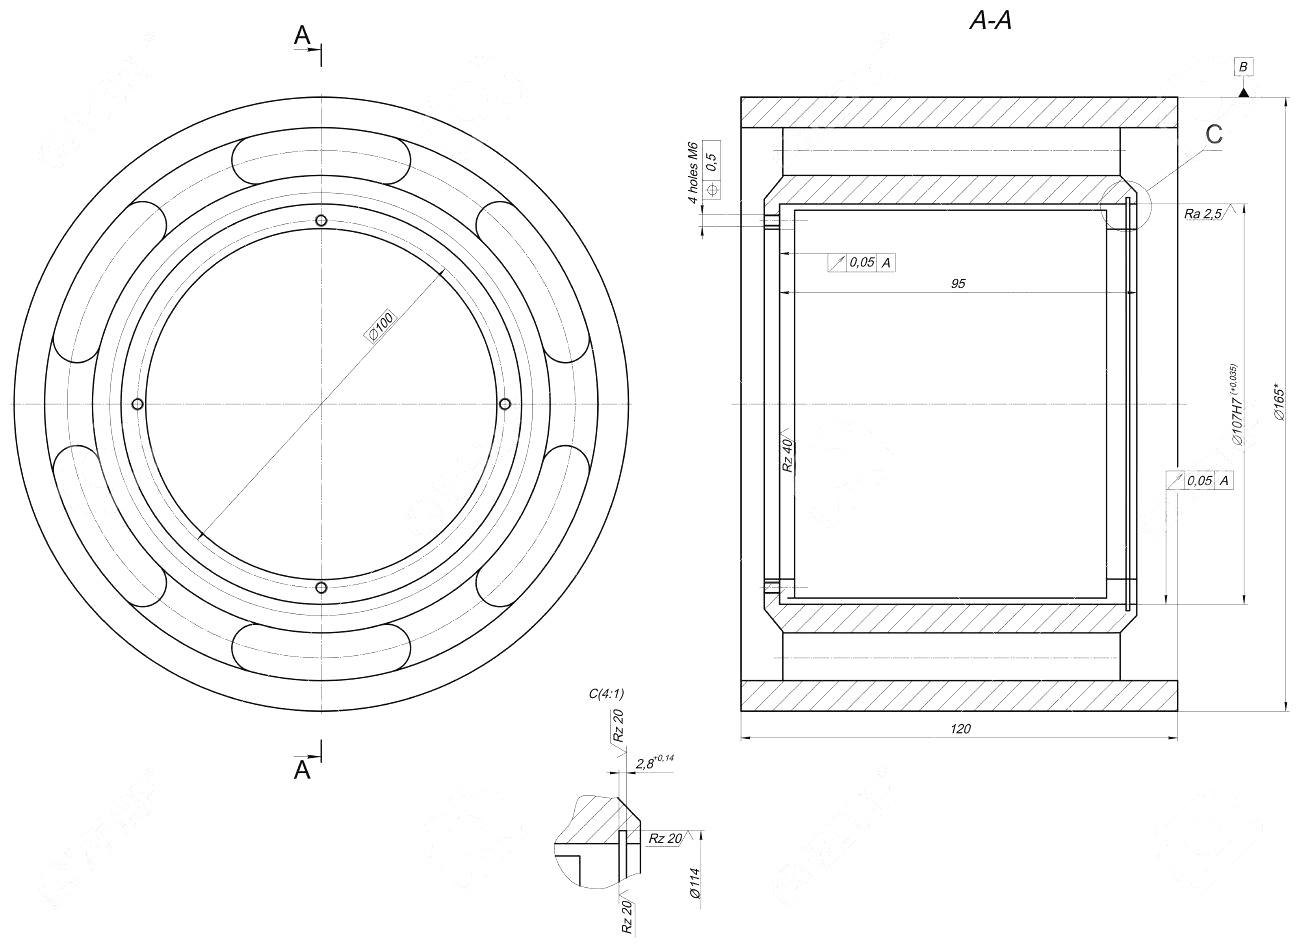 Canapés Ikea Convertibles Impressionnant Stock Dessin Avec Des Lignes